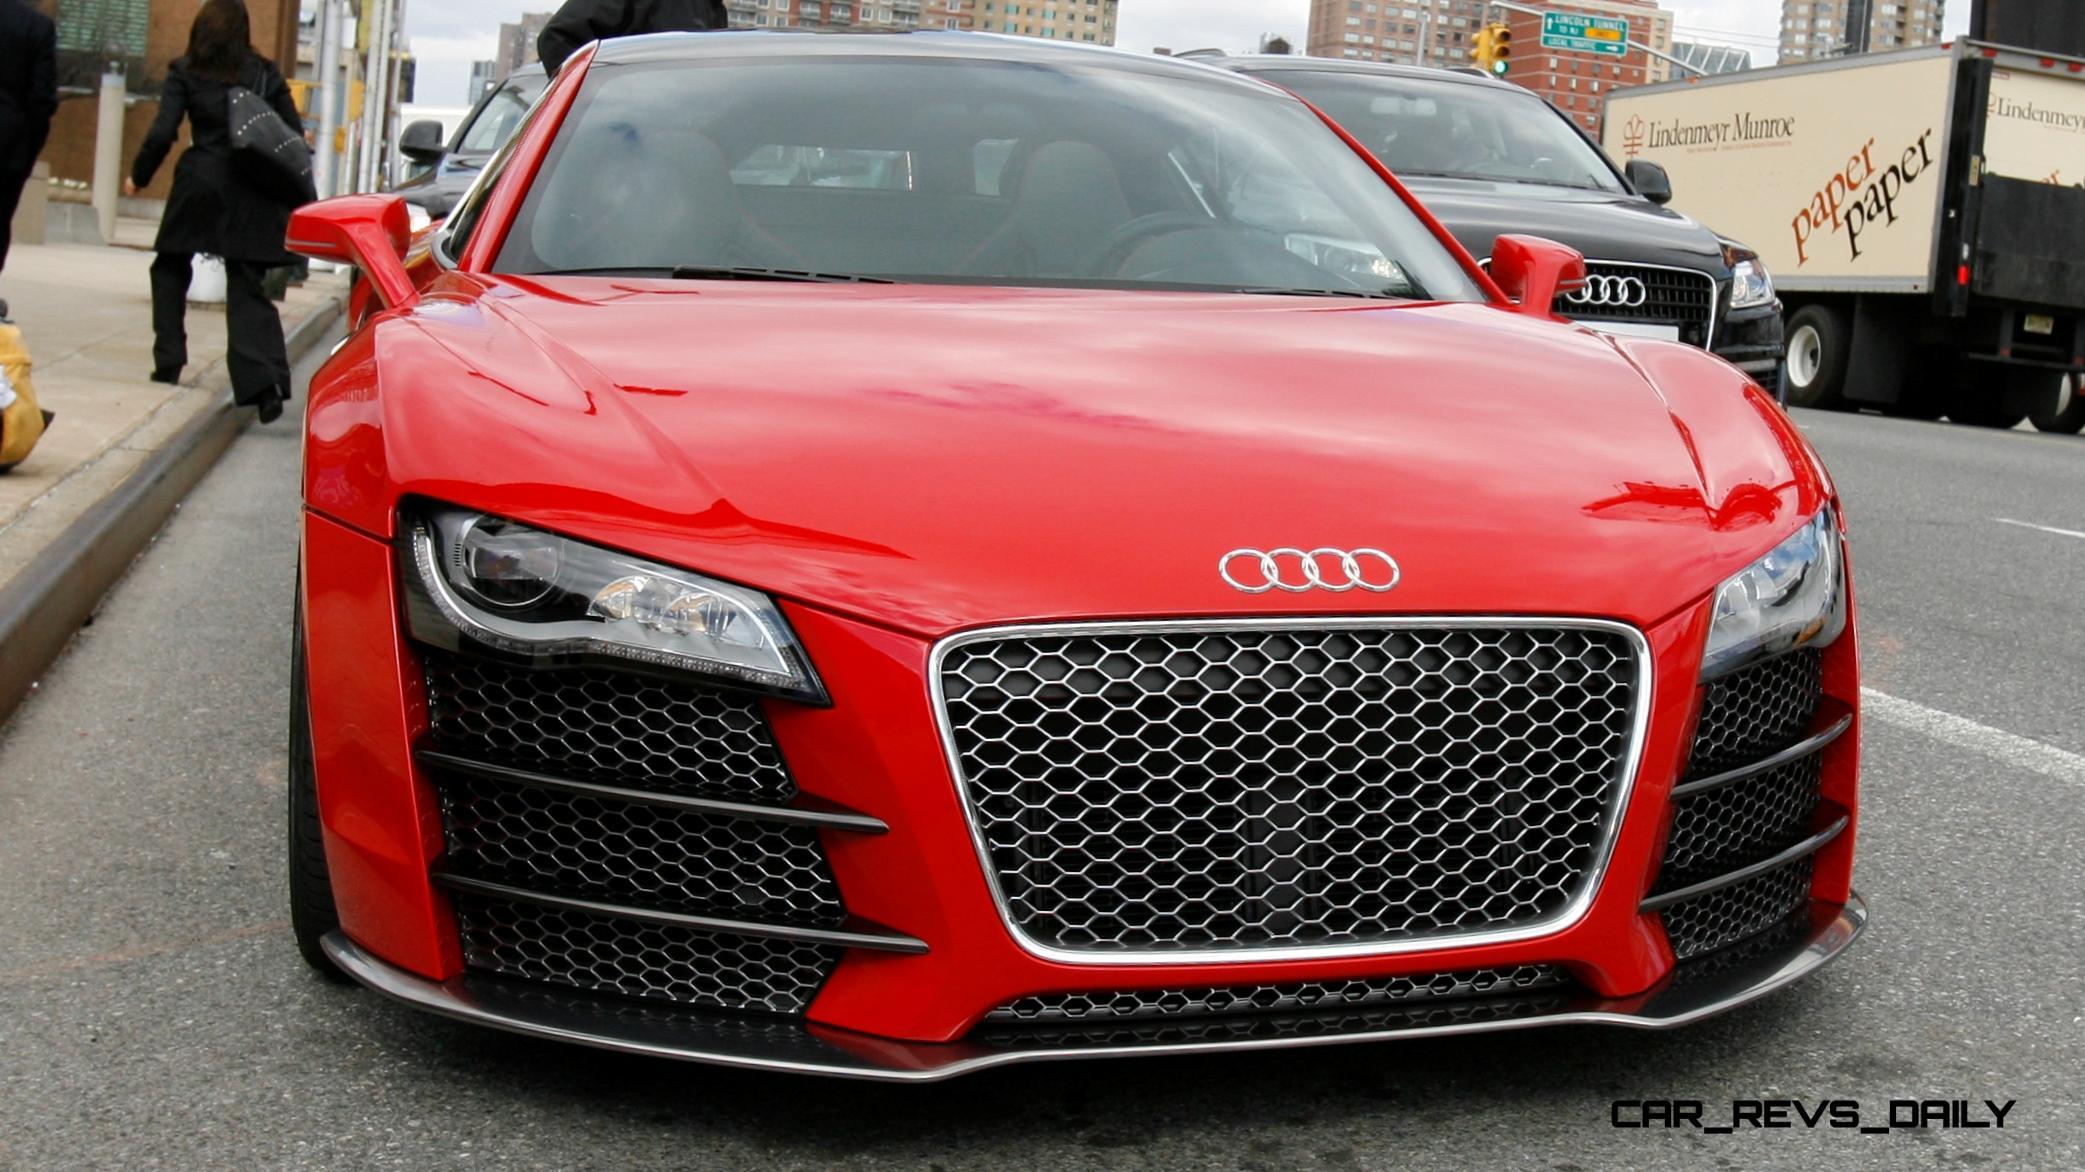 Kelebihan Audi R8 Diesel Murah Berkualitas